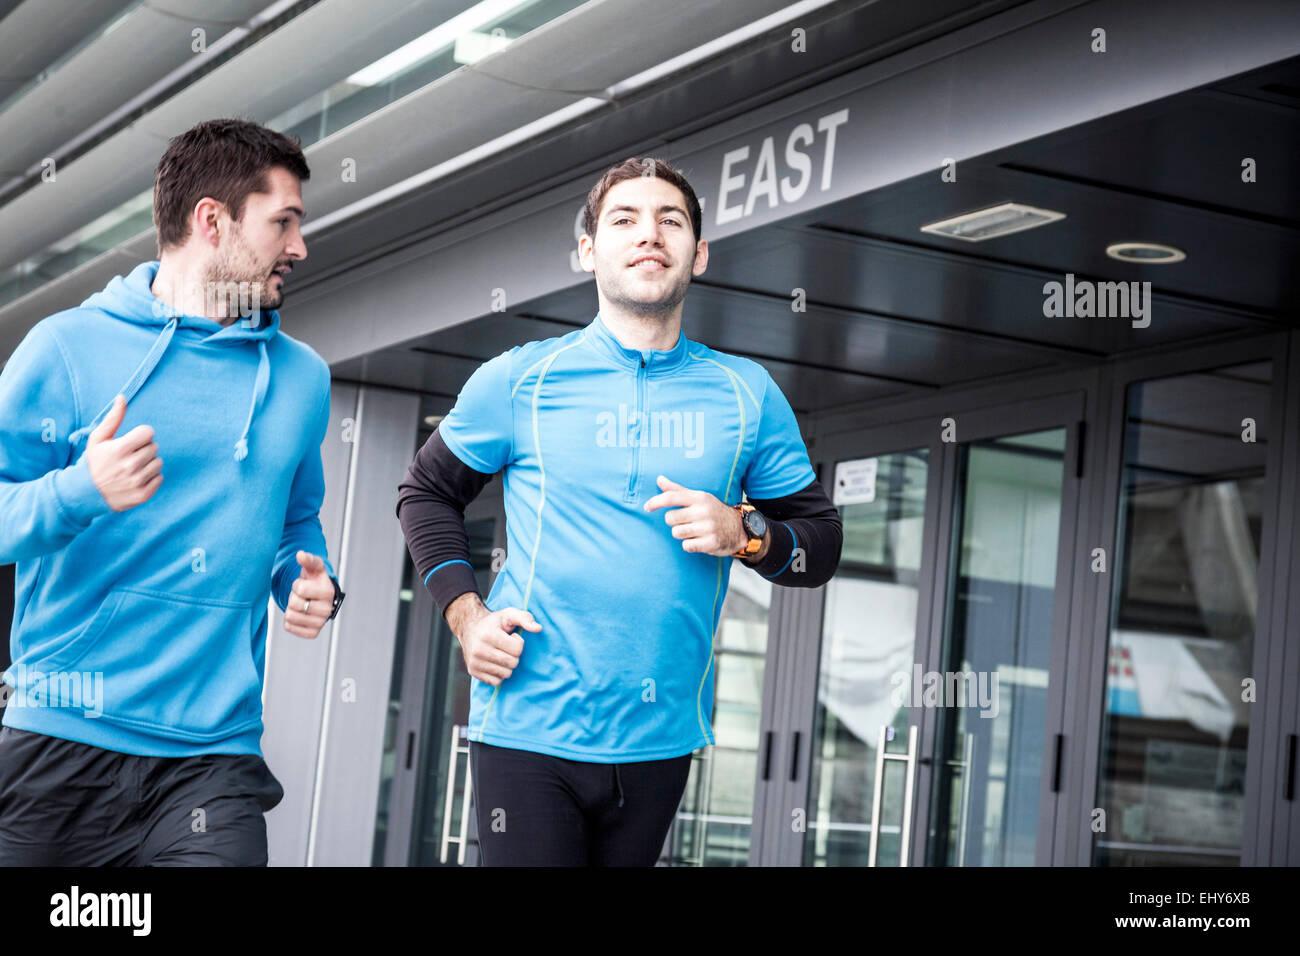 Guide maschio jogging in città a fianco a fianco Immagini Stock